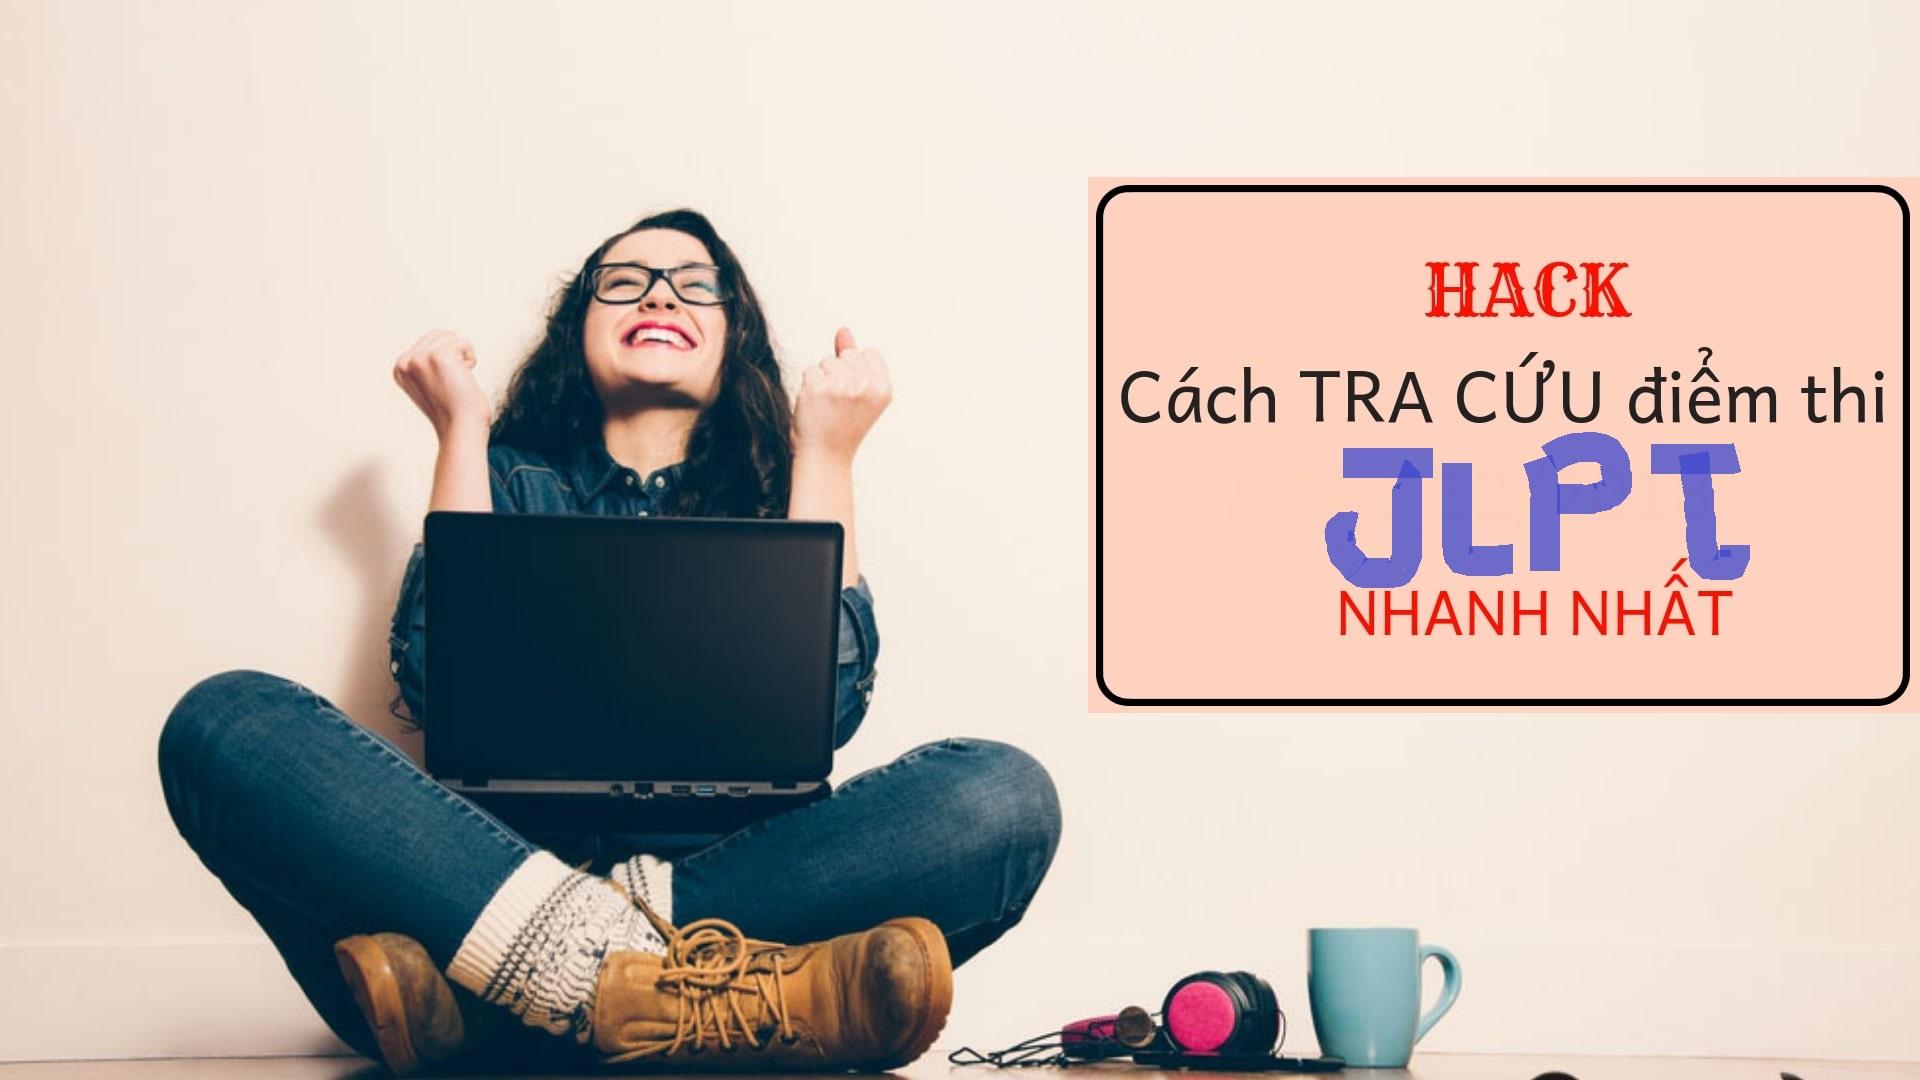 HACK cách xem điểm thi JLPT 07/2019 qua mạng CỰC NHANH, CỰC CHUẨN!